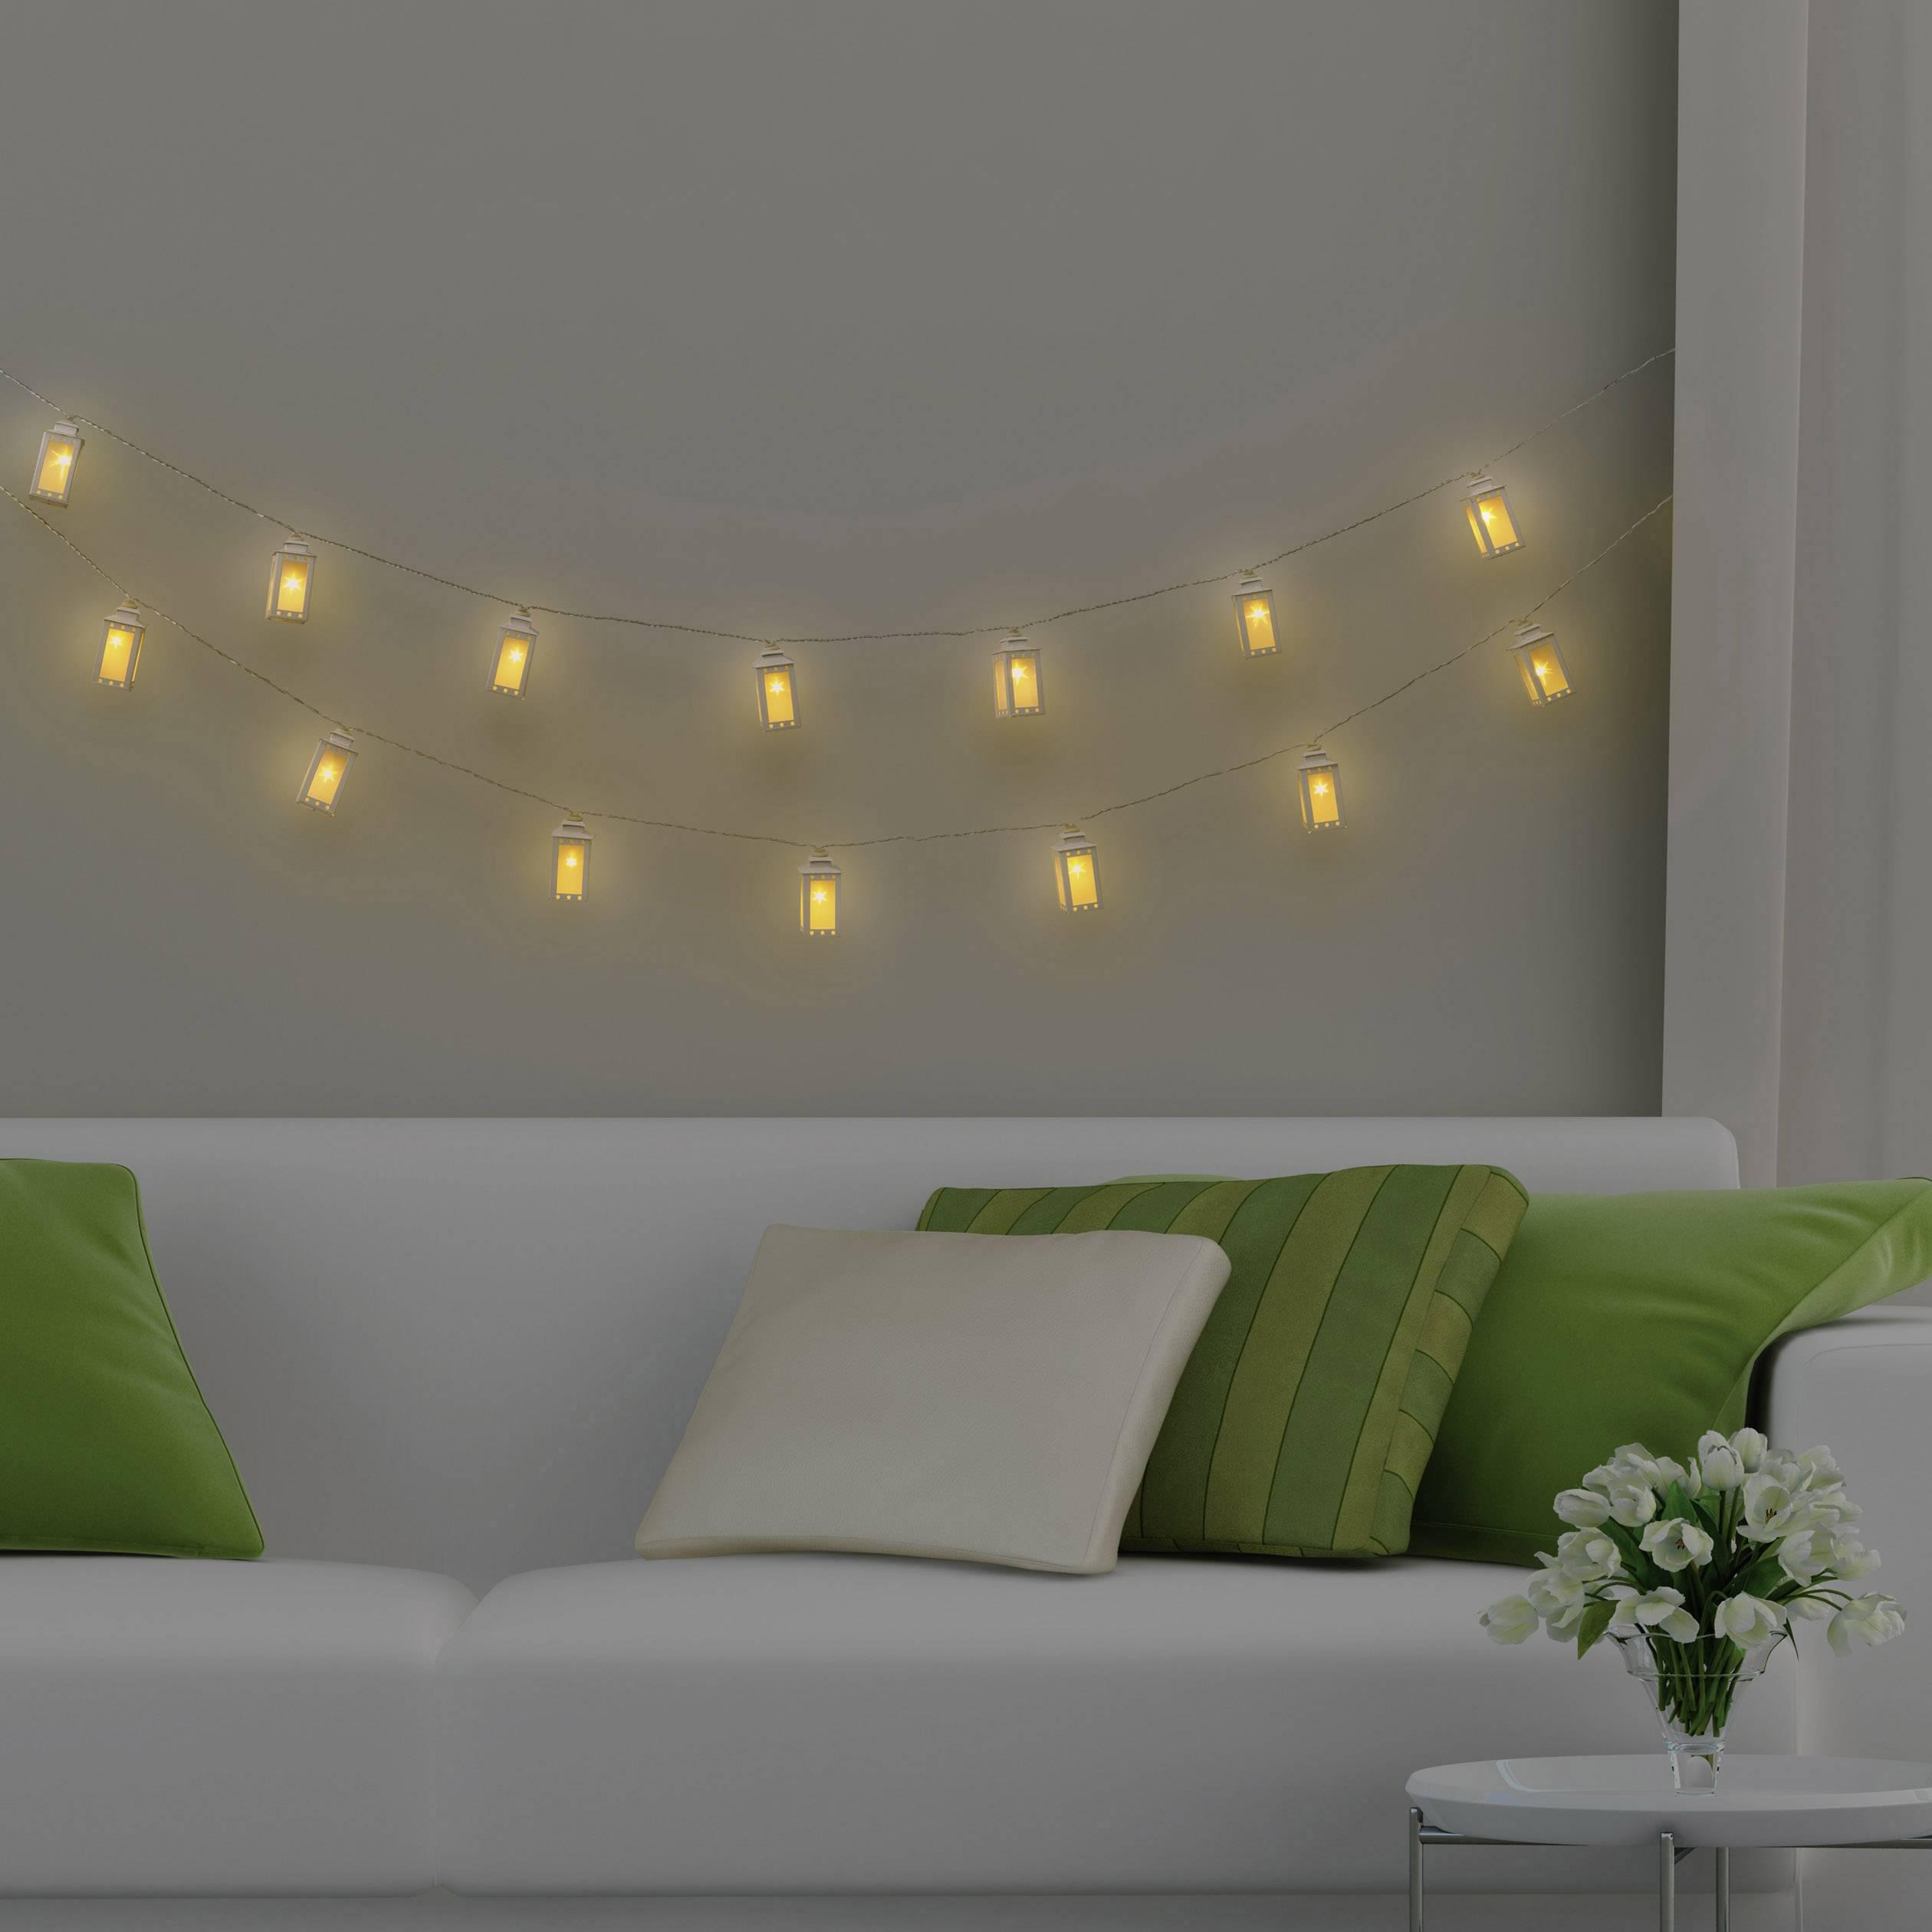 Polarlite WS 131017909 16LAP Motiv Lichterkette Laternen Innen netzbetrieben Anzahl Leuchtmittel 16 LED Warm Weiß Beleu